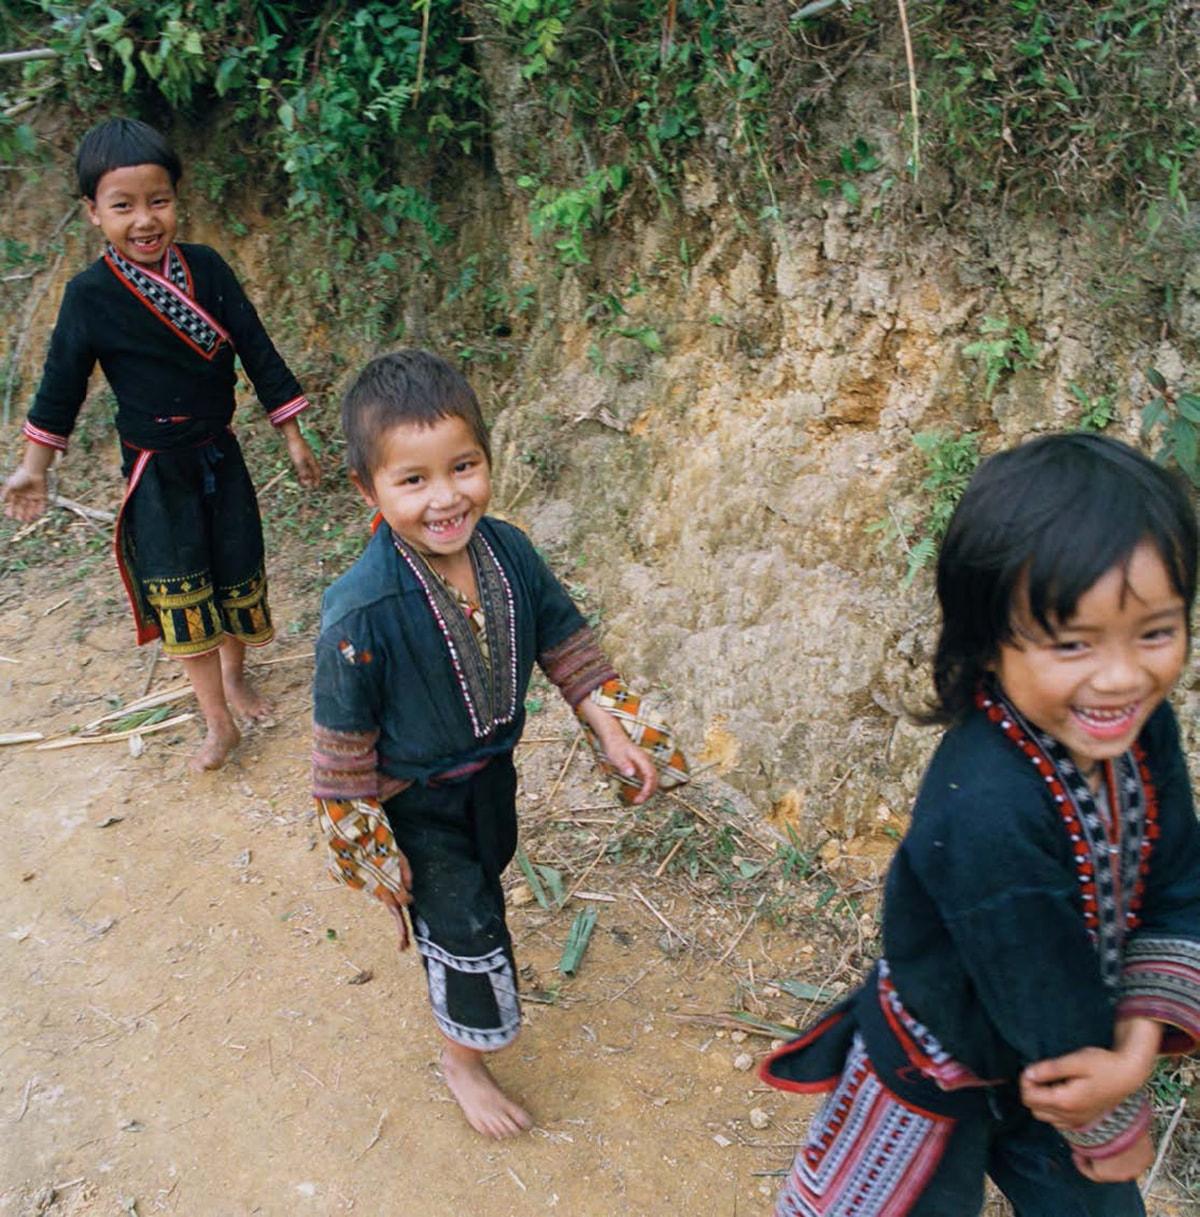 ベトナム:少数民族が暮らす町、サパで出会った子どもたち